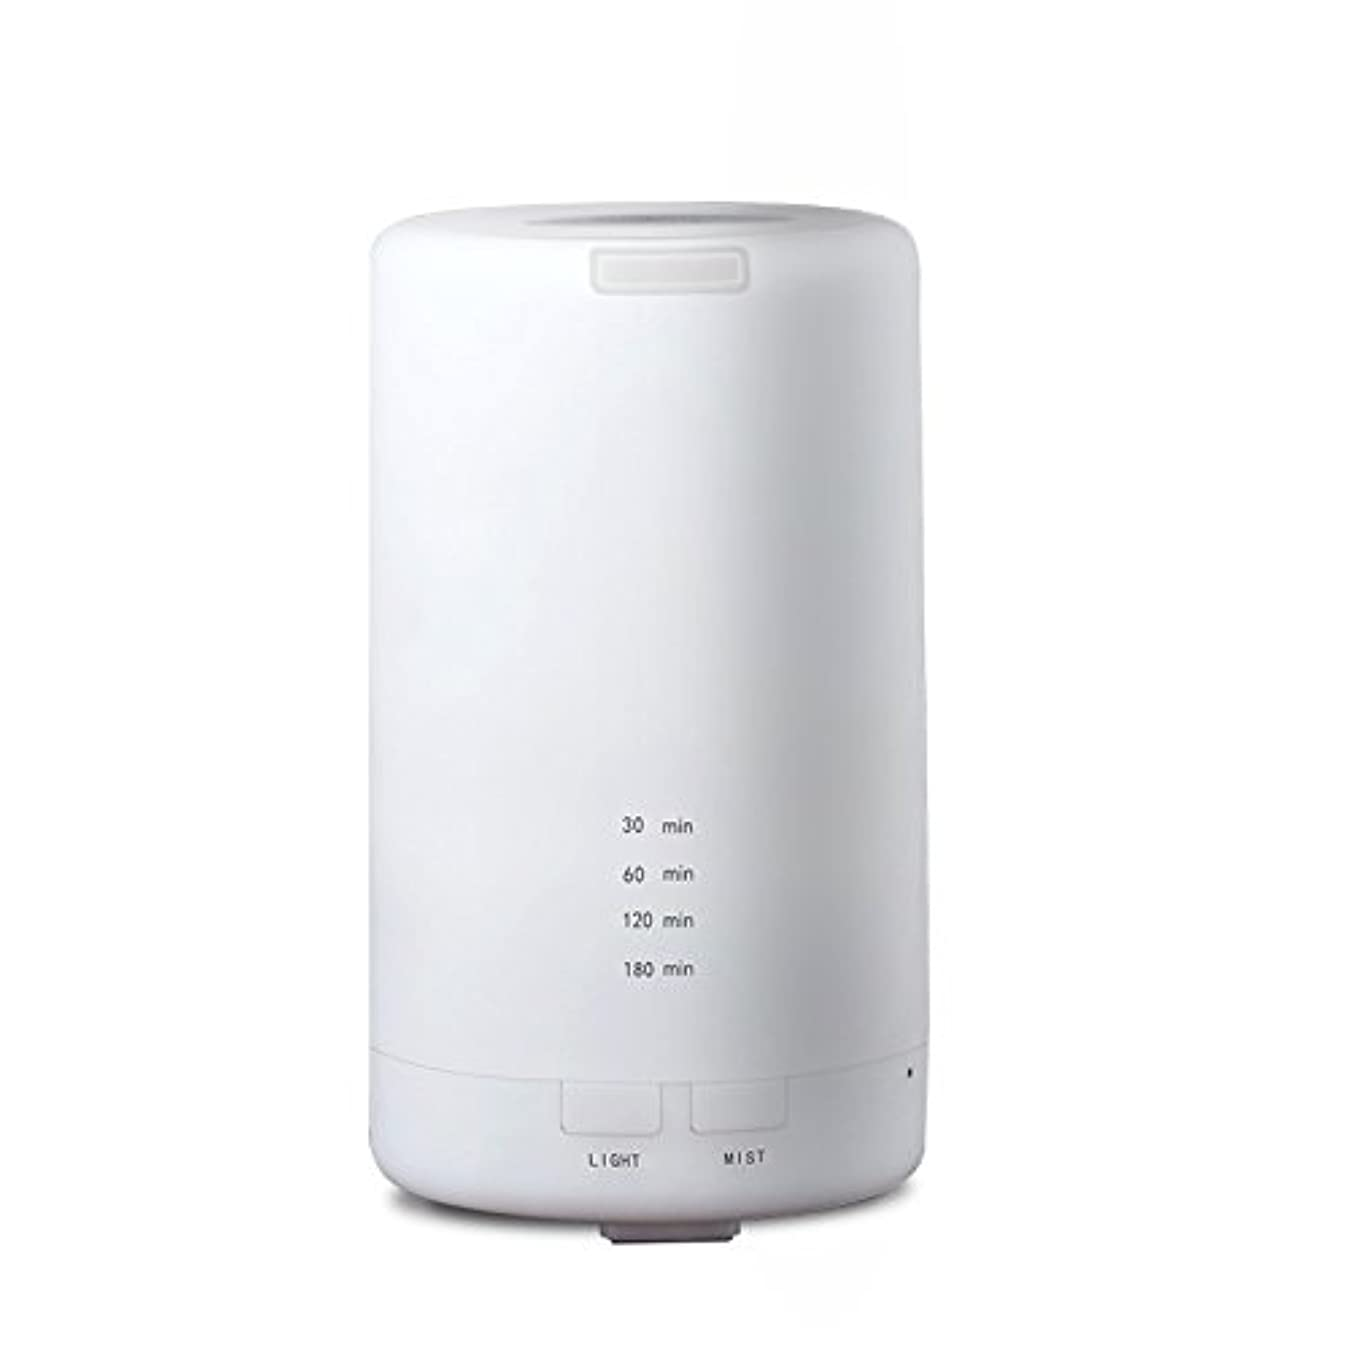 セクタ便利侵入するRaiFu アロマディフューザー 70ml 加湿器 アロマテラピー浄化器 3タイマーモード LEDナイトライト USB充電